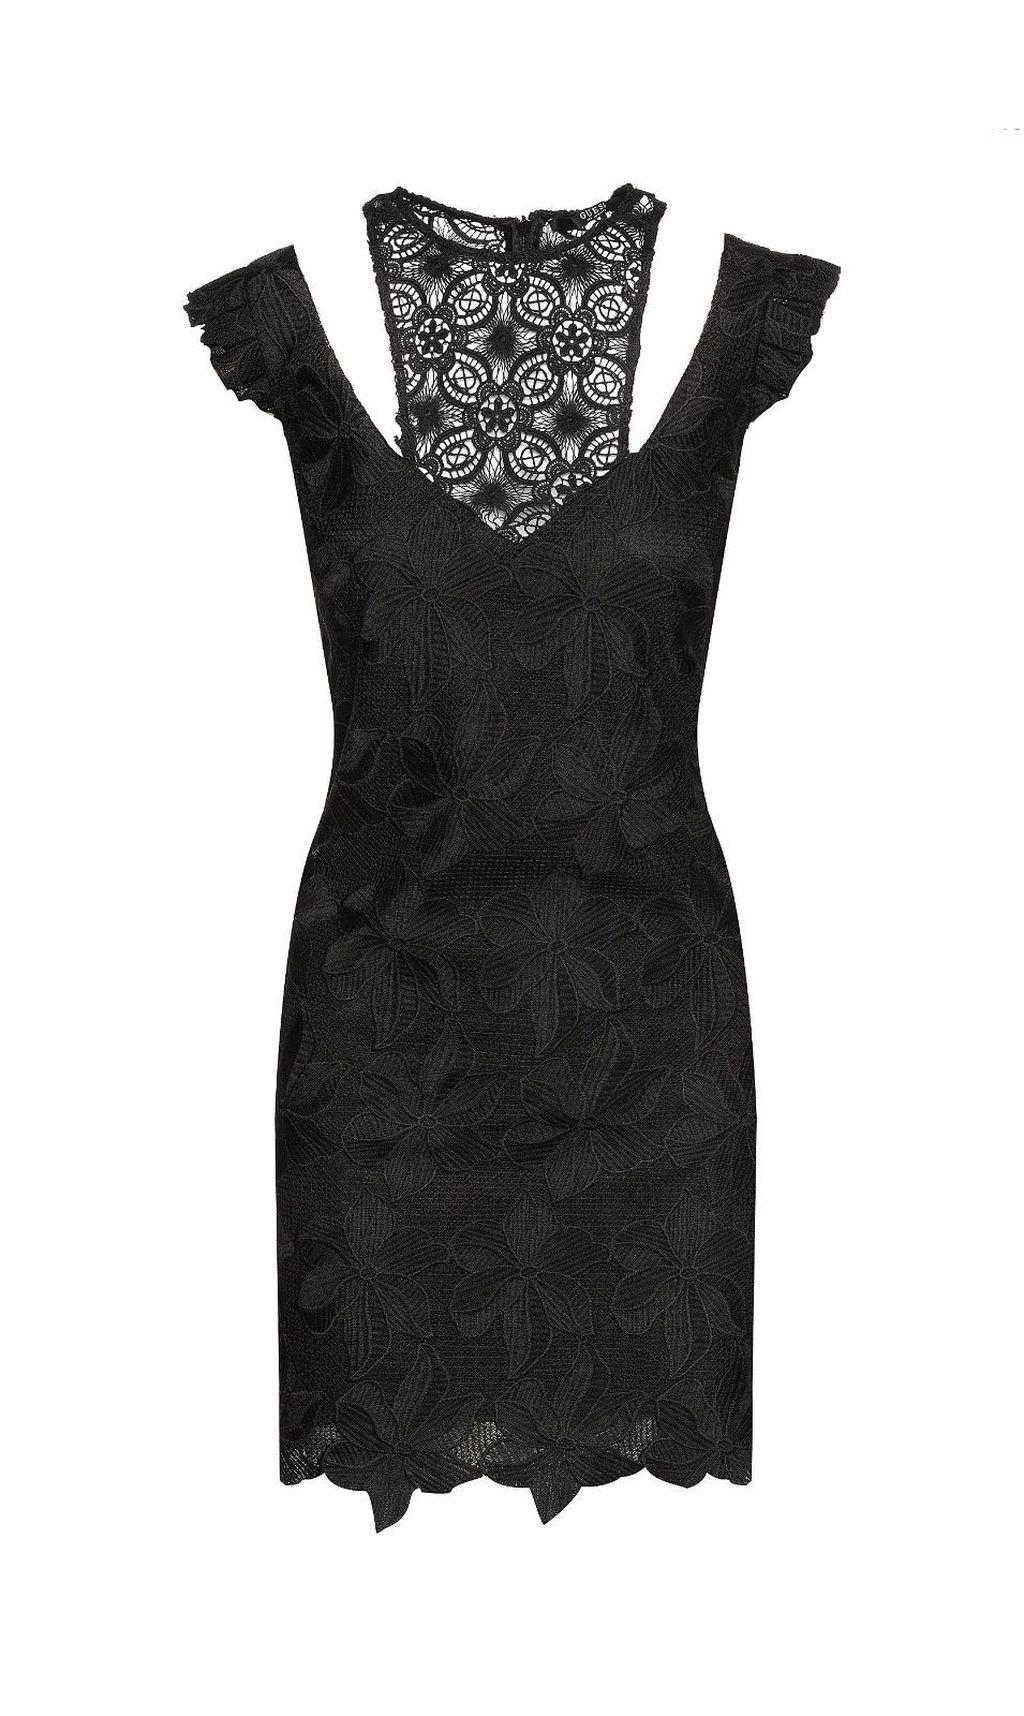 Mala crna haljina na popustu 2018. - 7